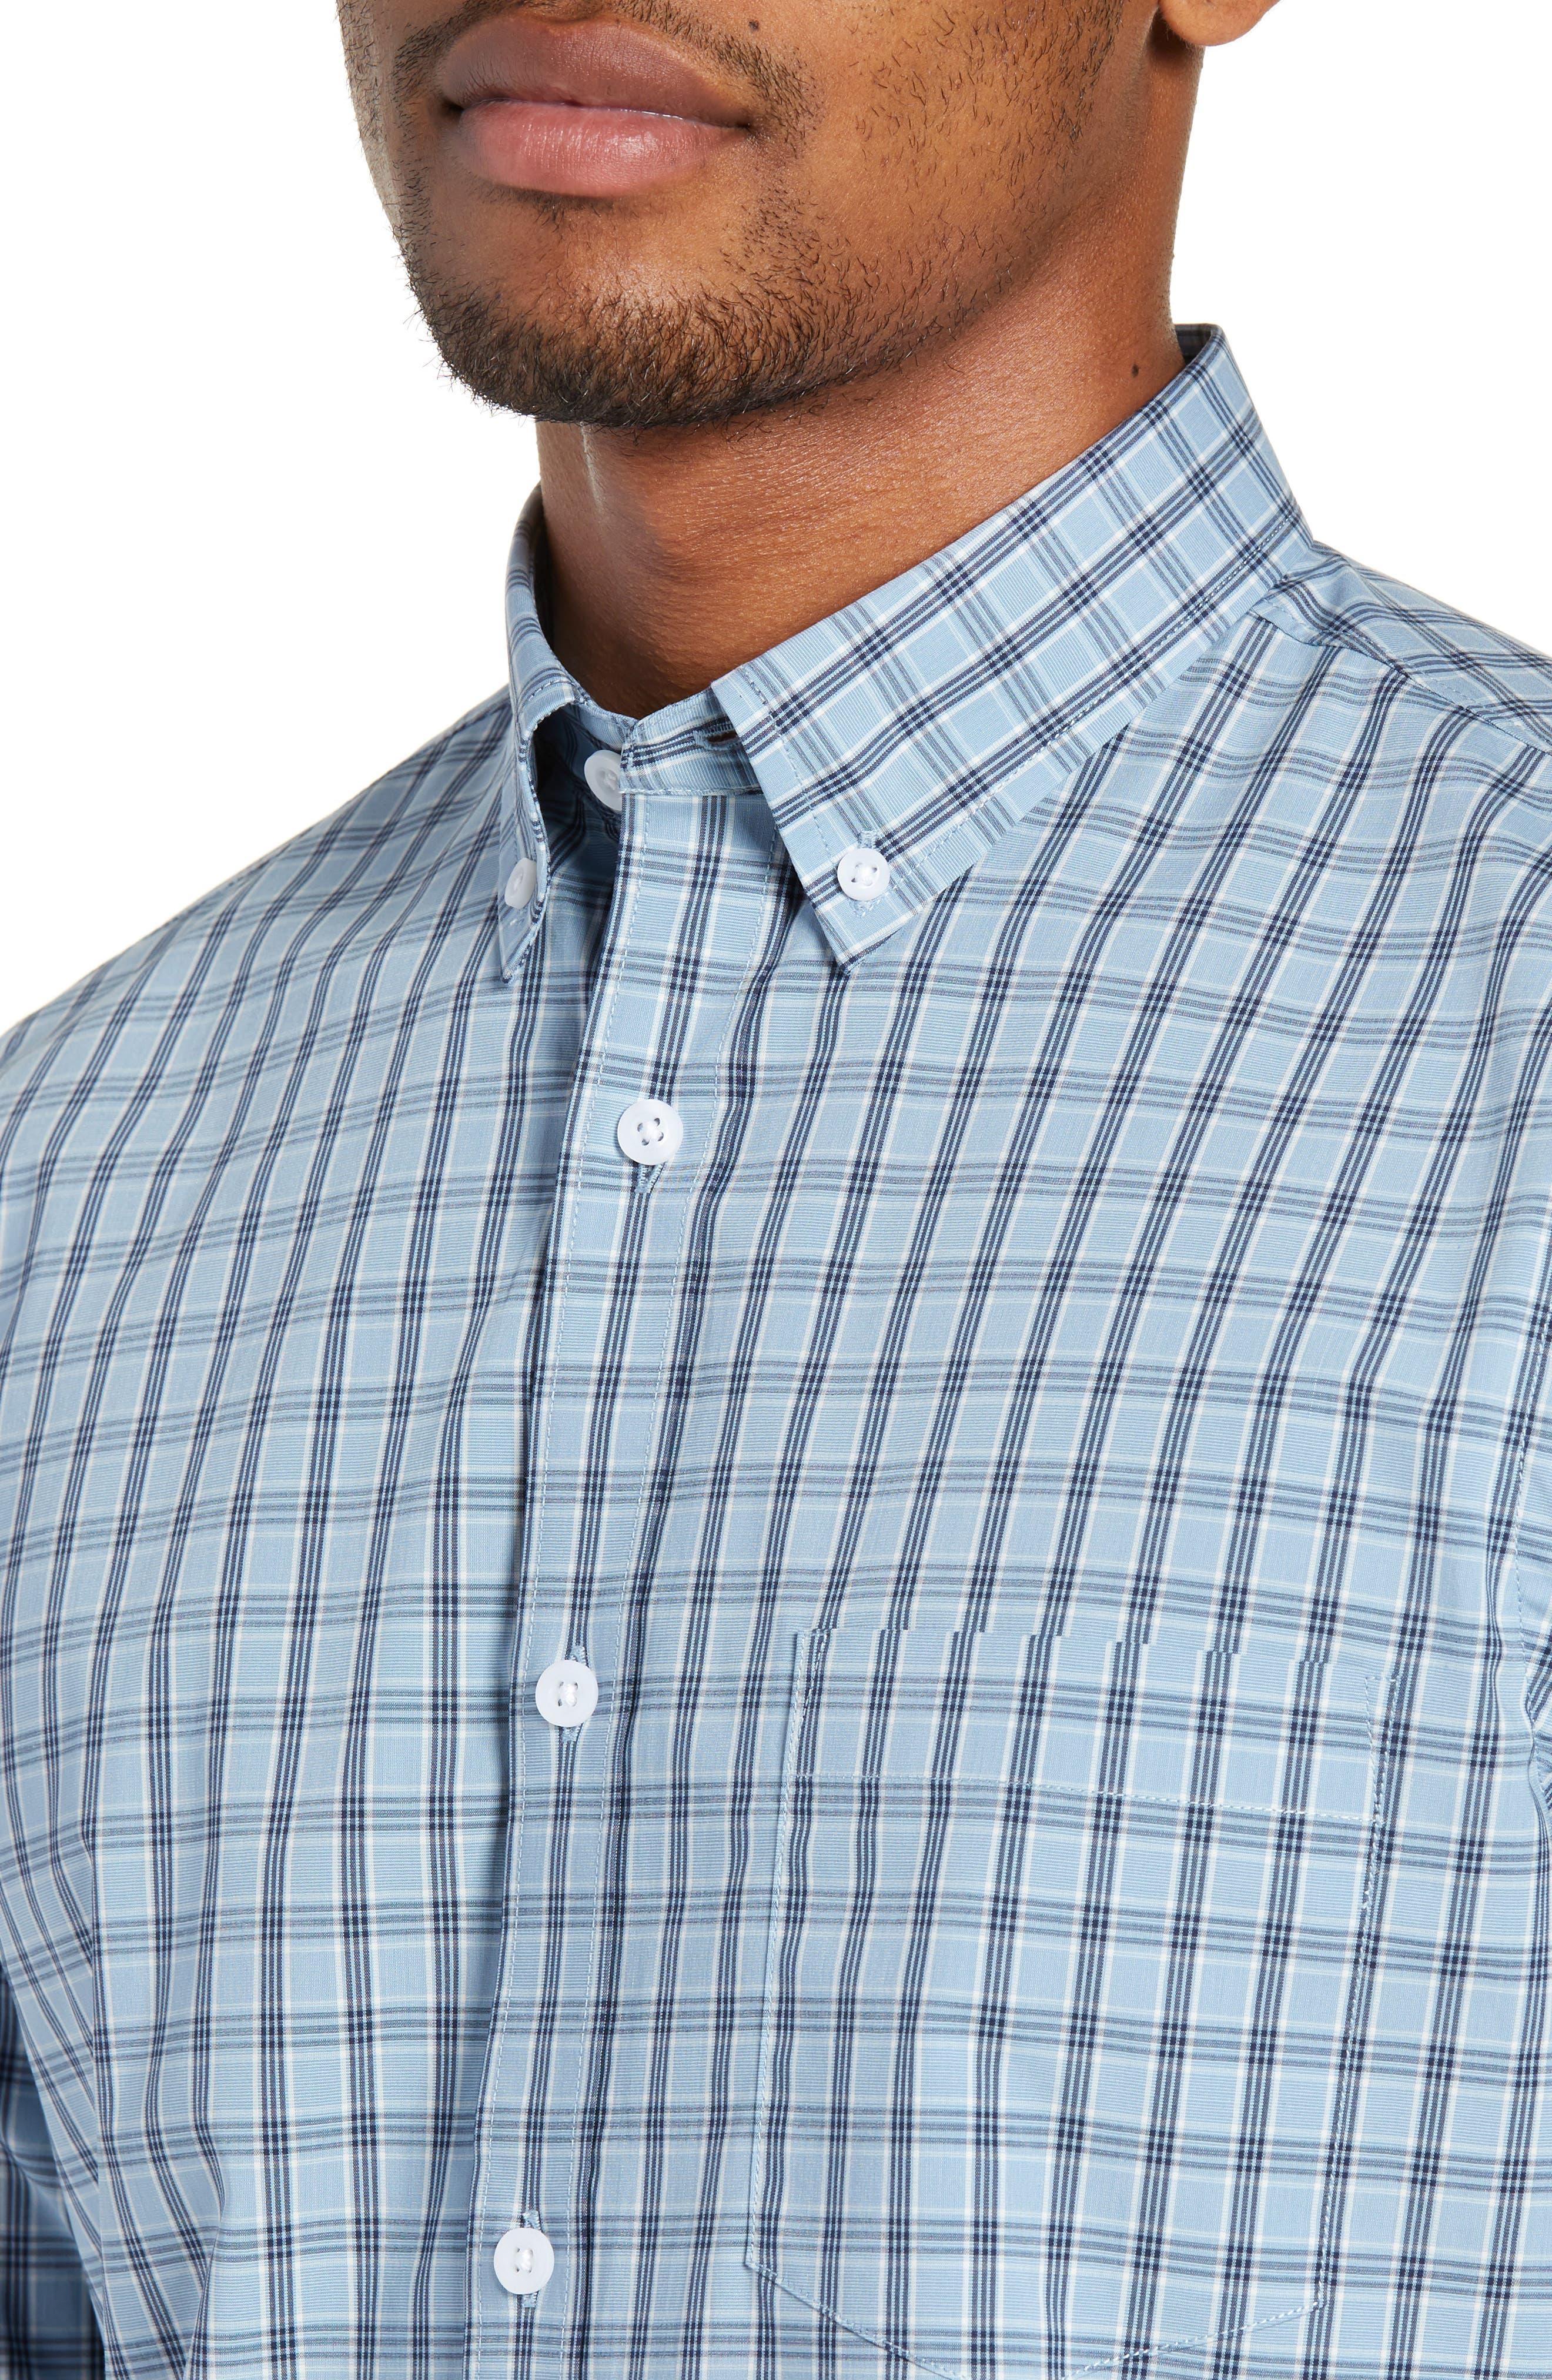 Tech-Smart Slim Fit Plaid Sport Shirt,                             Alternate thumbnail 2, color,                             BLUE HEAVEN HEATHER CHECK